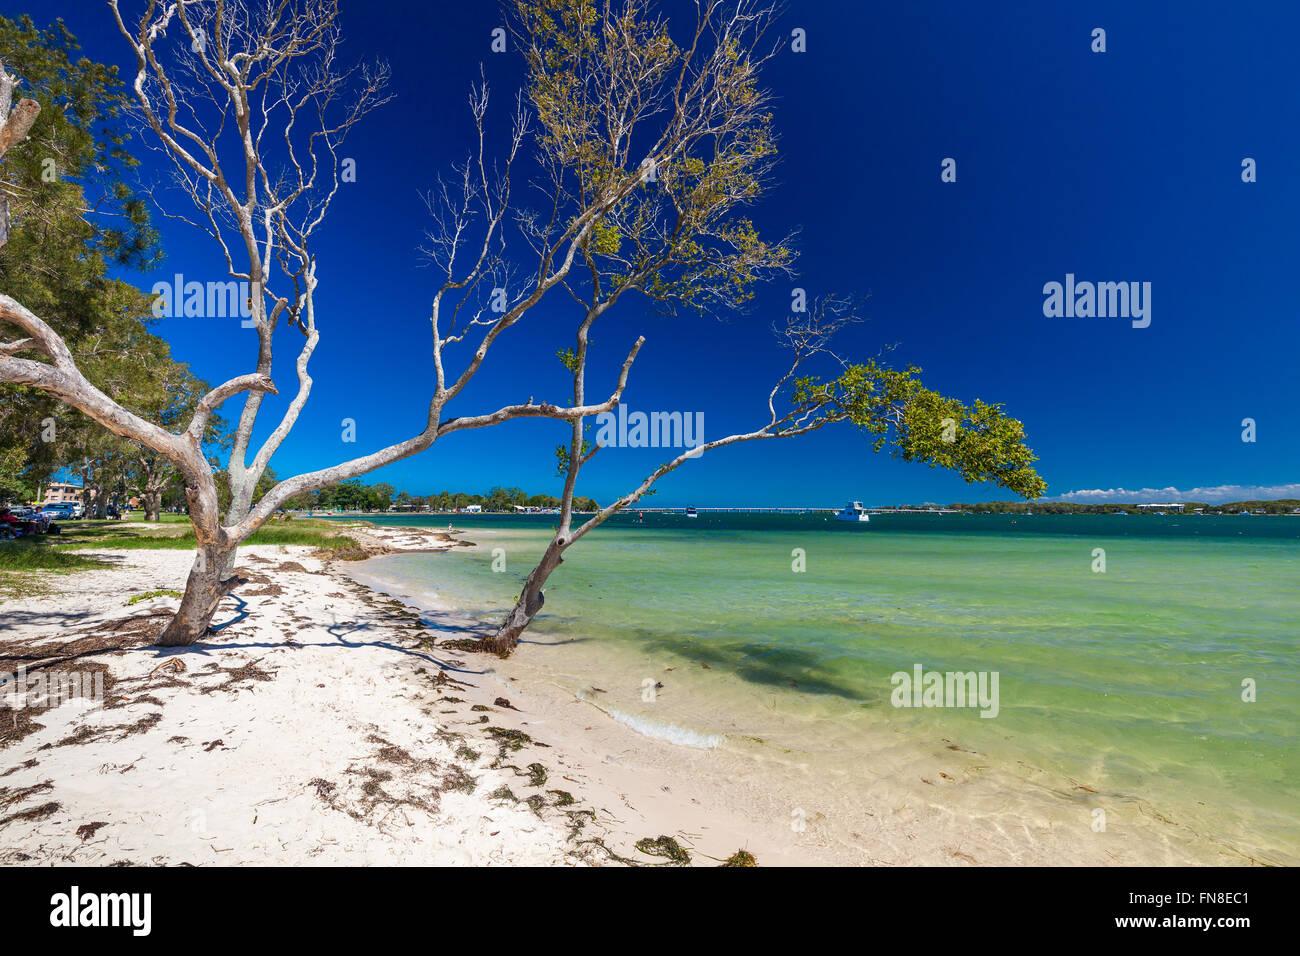 Isla BRIBIE, AUS - Feb 14 2016: Playa con árboles en el lado oeste de la isla Bribie, Queensland, Australia Imagen De Stock